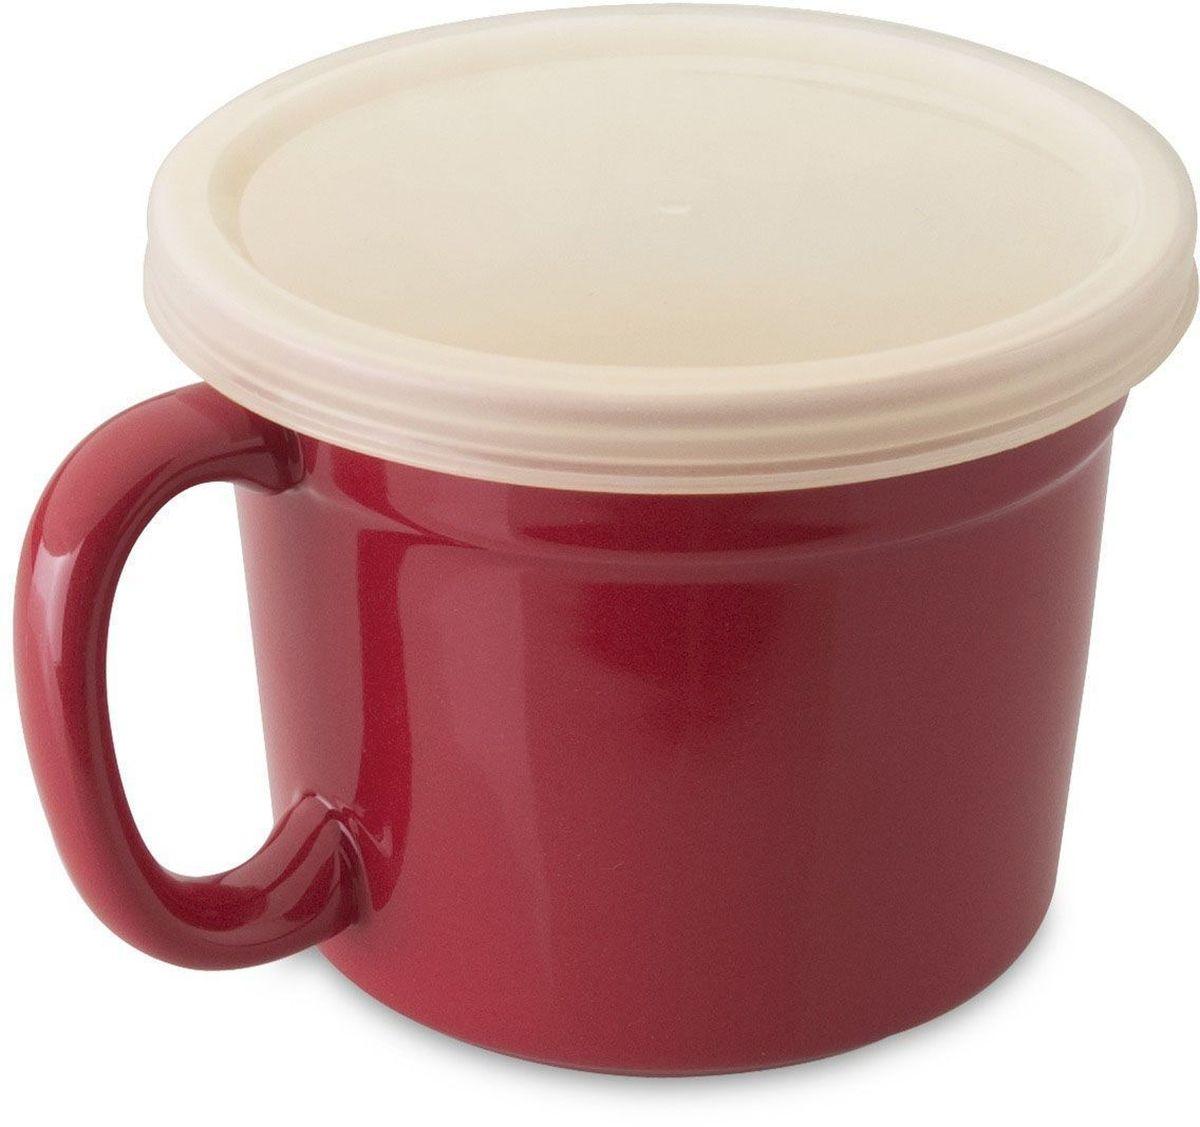 Набор чашек BergHOFF Geminis, с крышкой, 0,5 л, 2 шт. 169507561114Набор чашек BergHOFF Geminis - эти чашки имеют современный обтекаемый дизайн, бордовую расцветку и станут яркой изюминкой на вашей кухне.